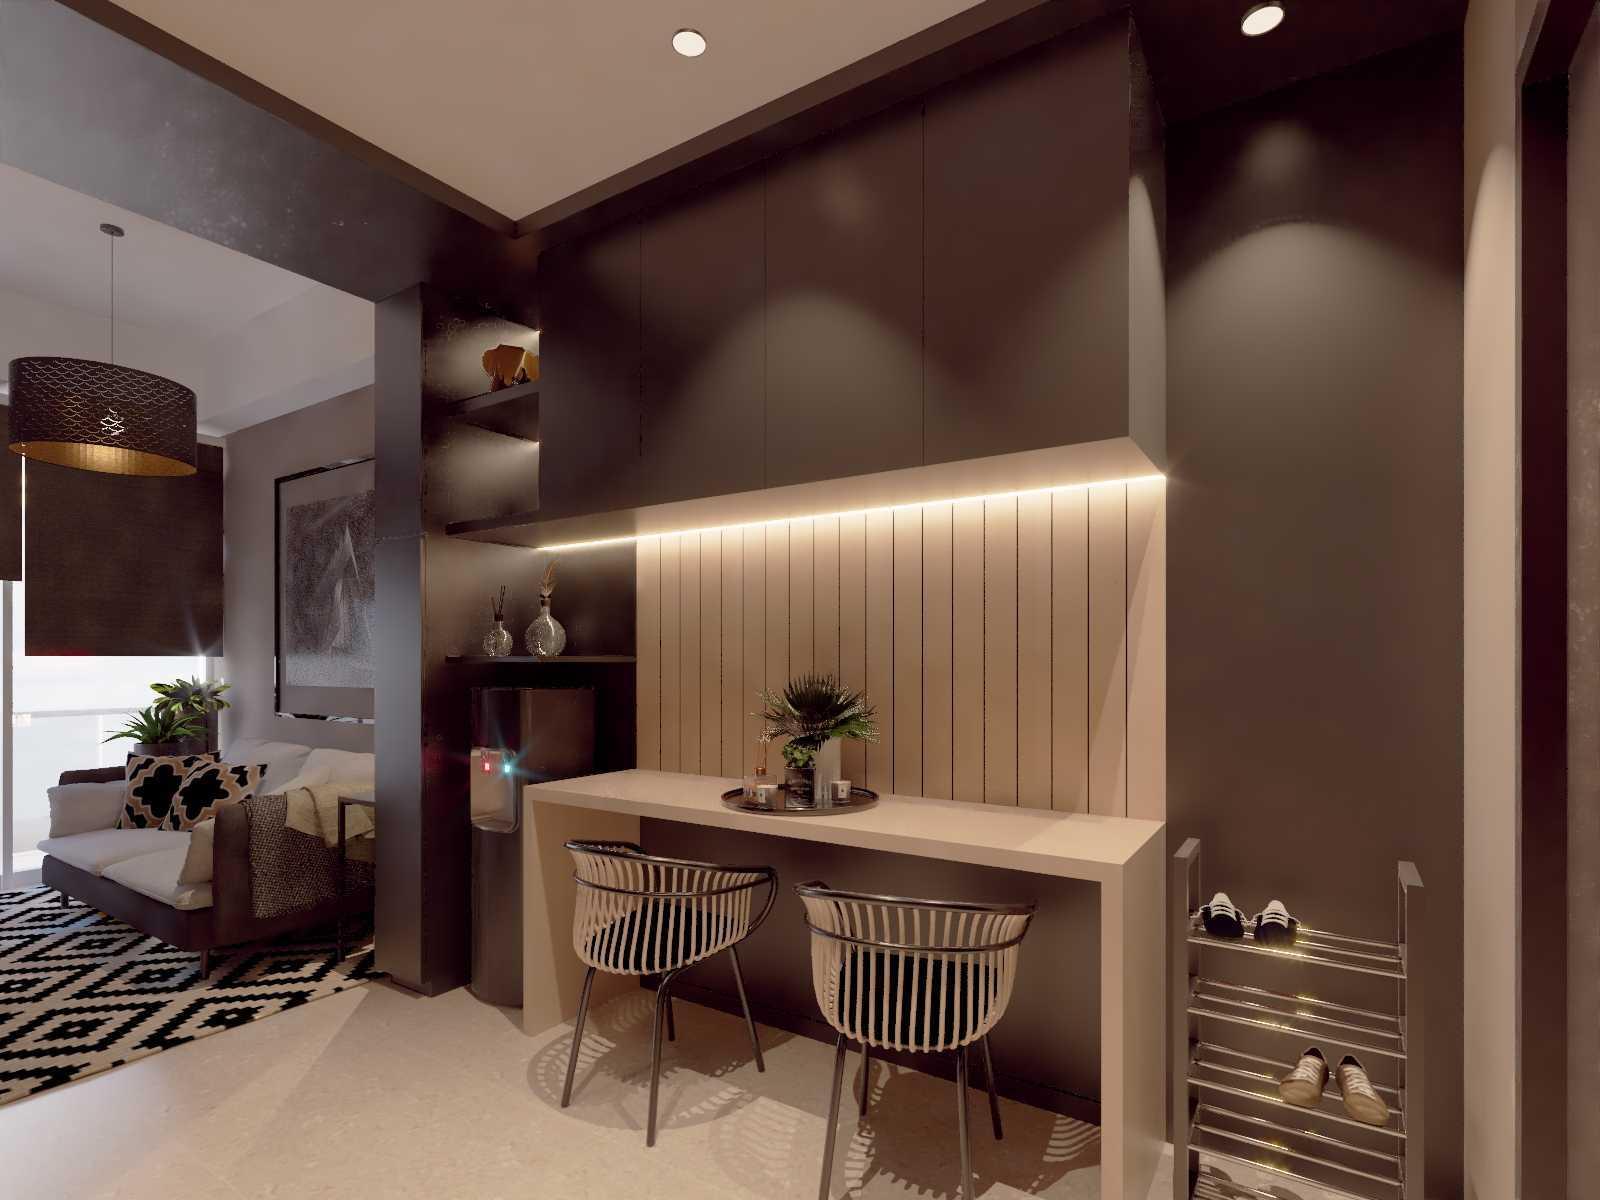 Savala Associate W+L 1 Apartment Jakarta, Daerah Khusus Ibukota Jakarta, Indonesia Jakarta, Daerah Khusus Ibukota Jakarta, Indonesia Savala-Associate-Wl-1-Apartment  116690